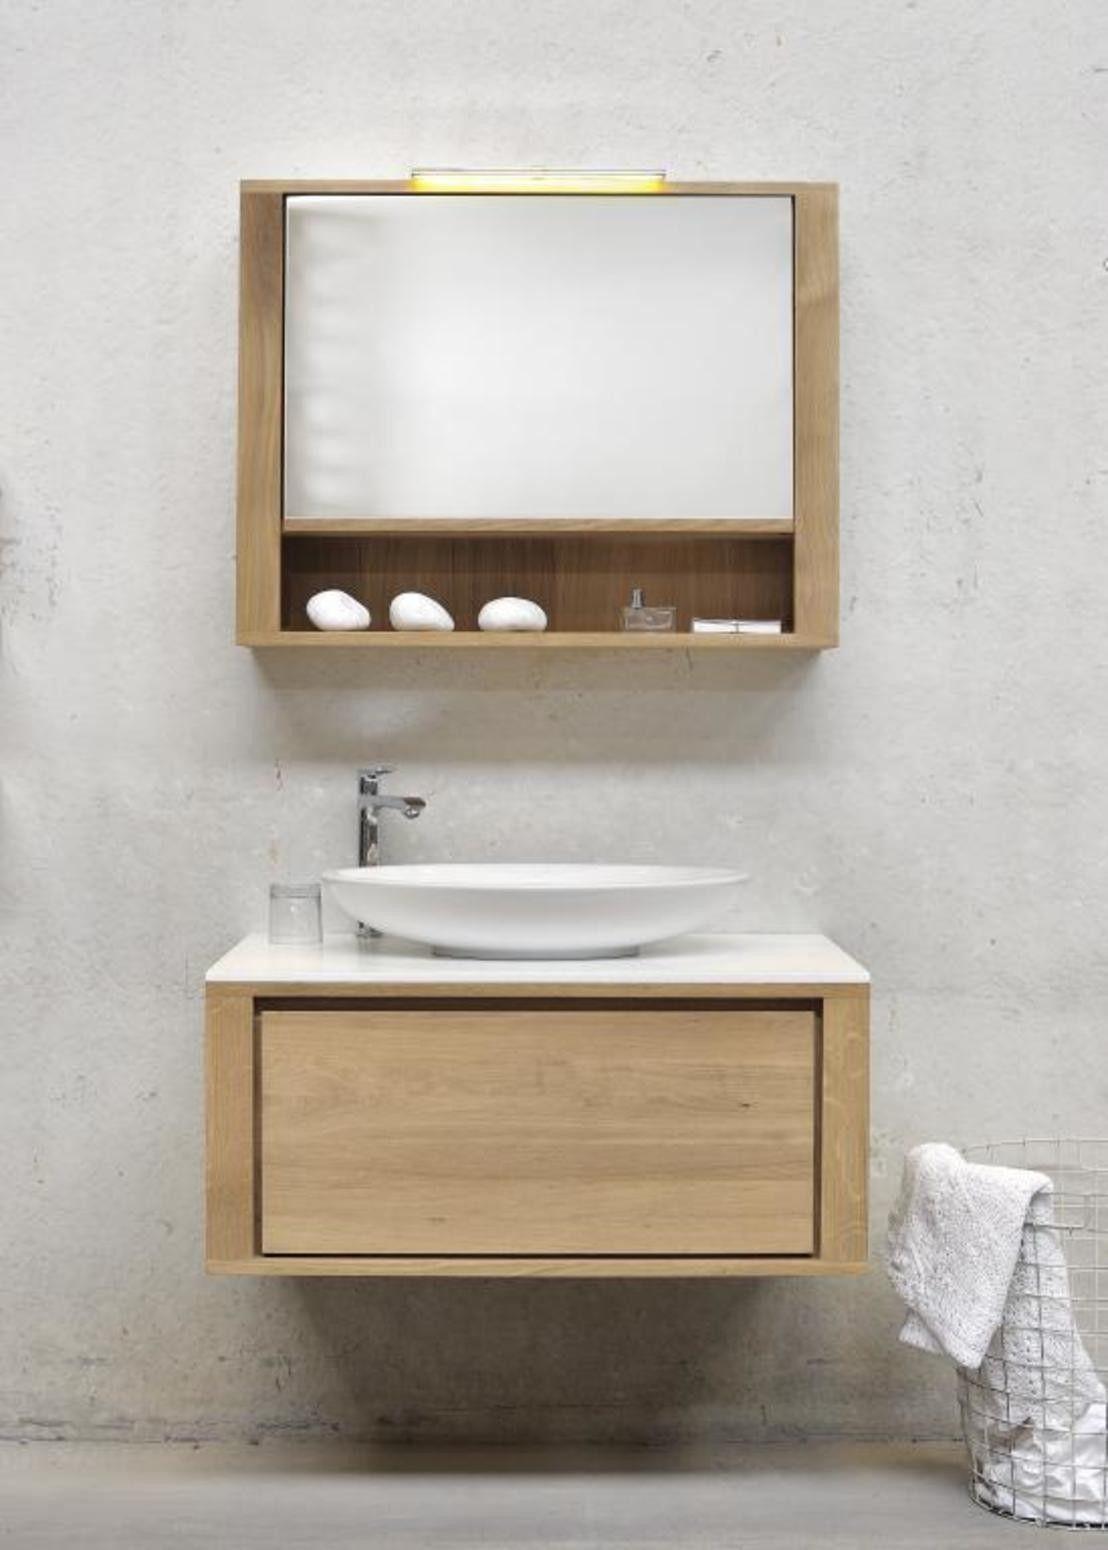 Why Every Bathroom Has To Be White Von Discoveries Trends Badezimmer Spiegelschrank Badezimmer Spiegelschrank Mit Beleuchtung Spiegelschrank